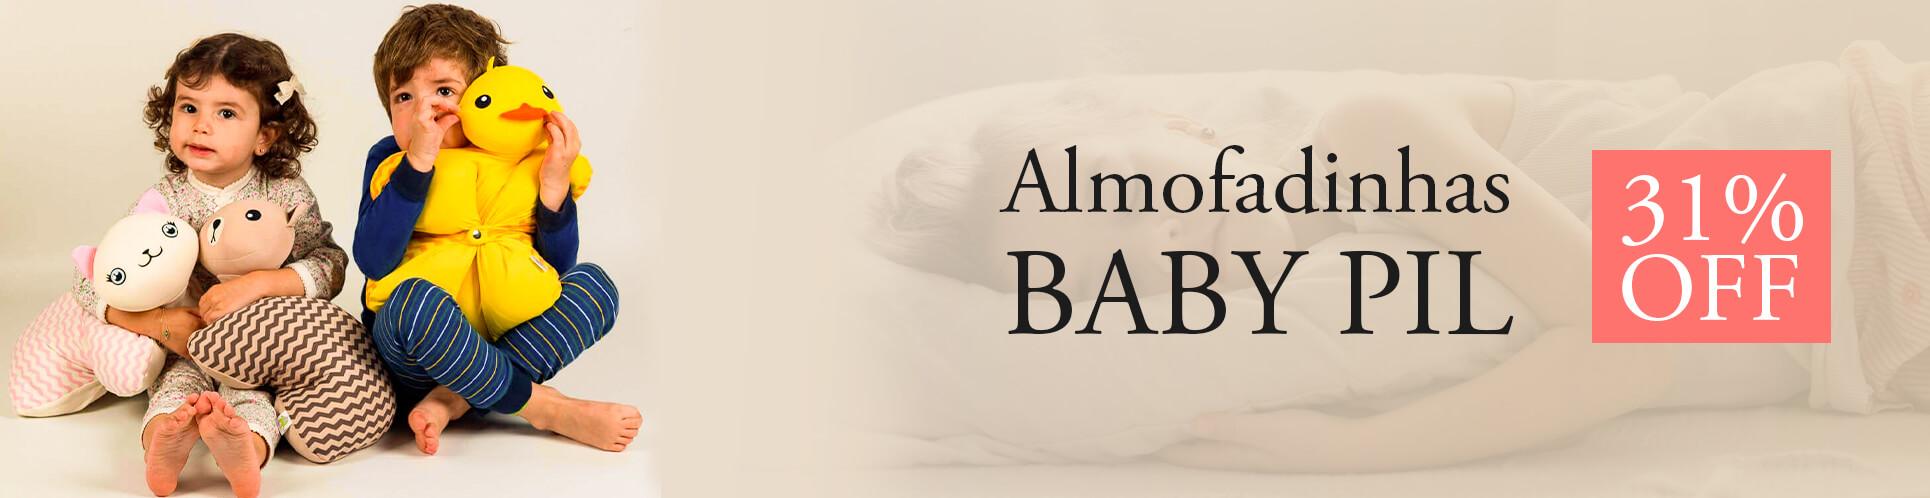 Almofada Baby Pill